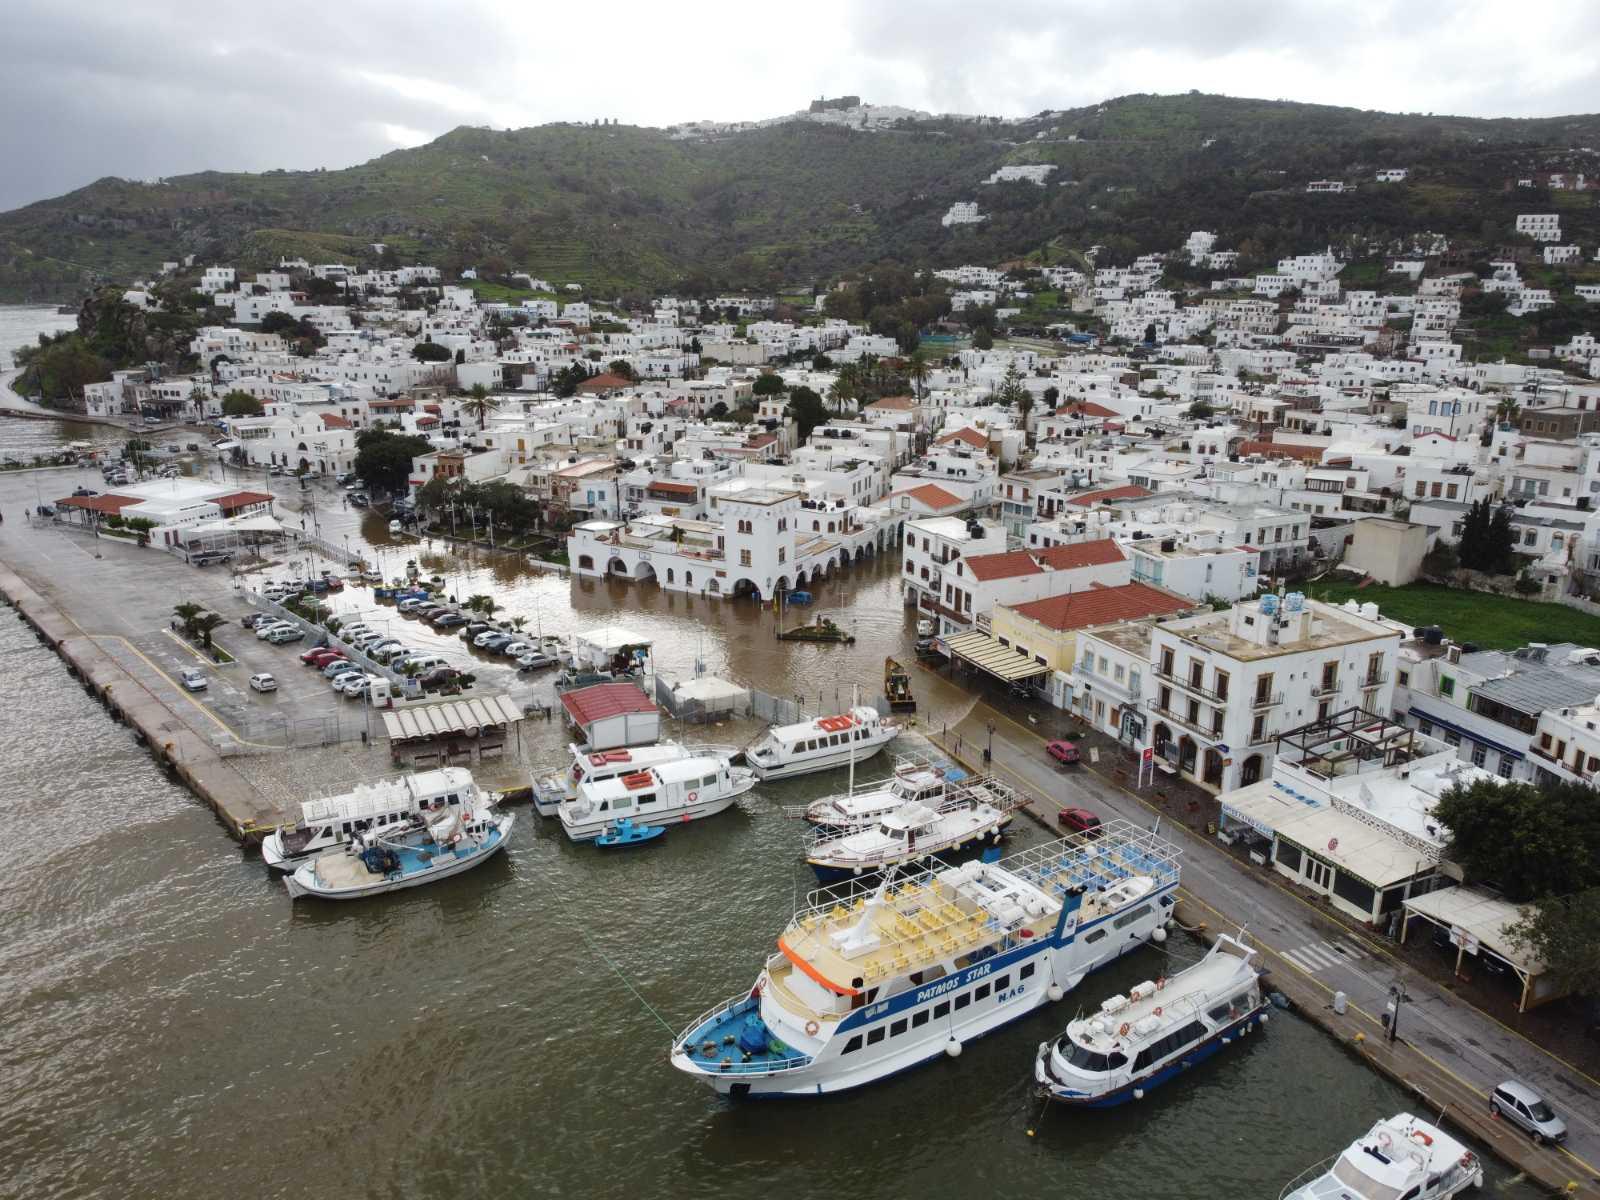 Πάτμος: Σε κατάσταση έκτακτης ανάγκης για 6 μήνες – Πρωτοφανείς καταστροφές στο νησί (pics)